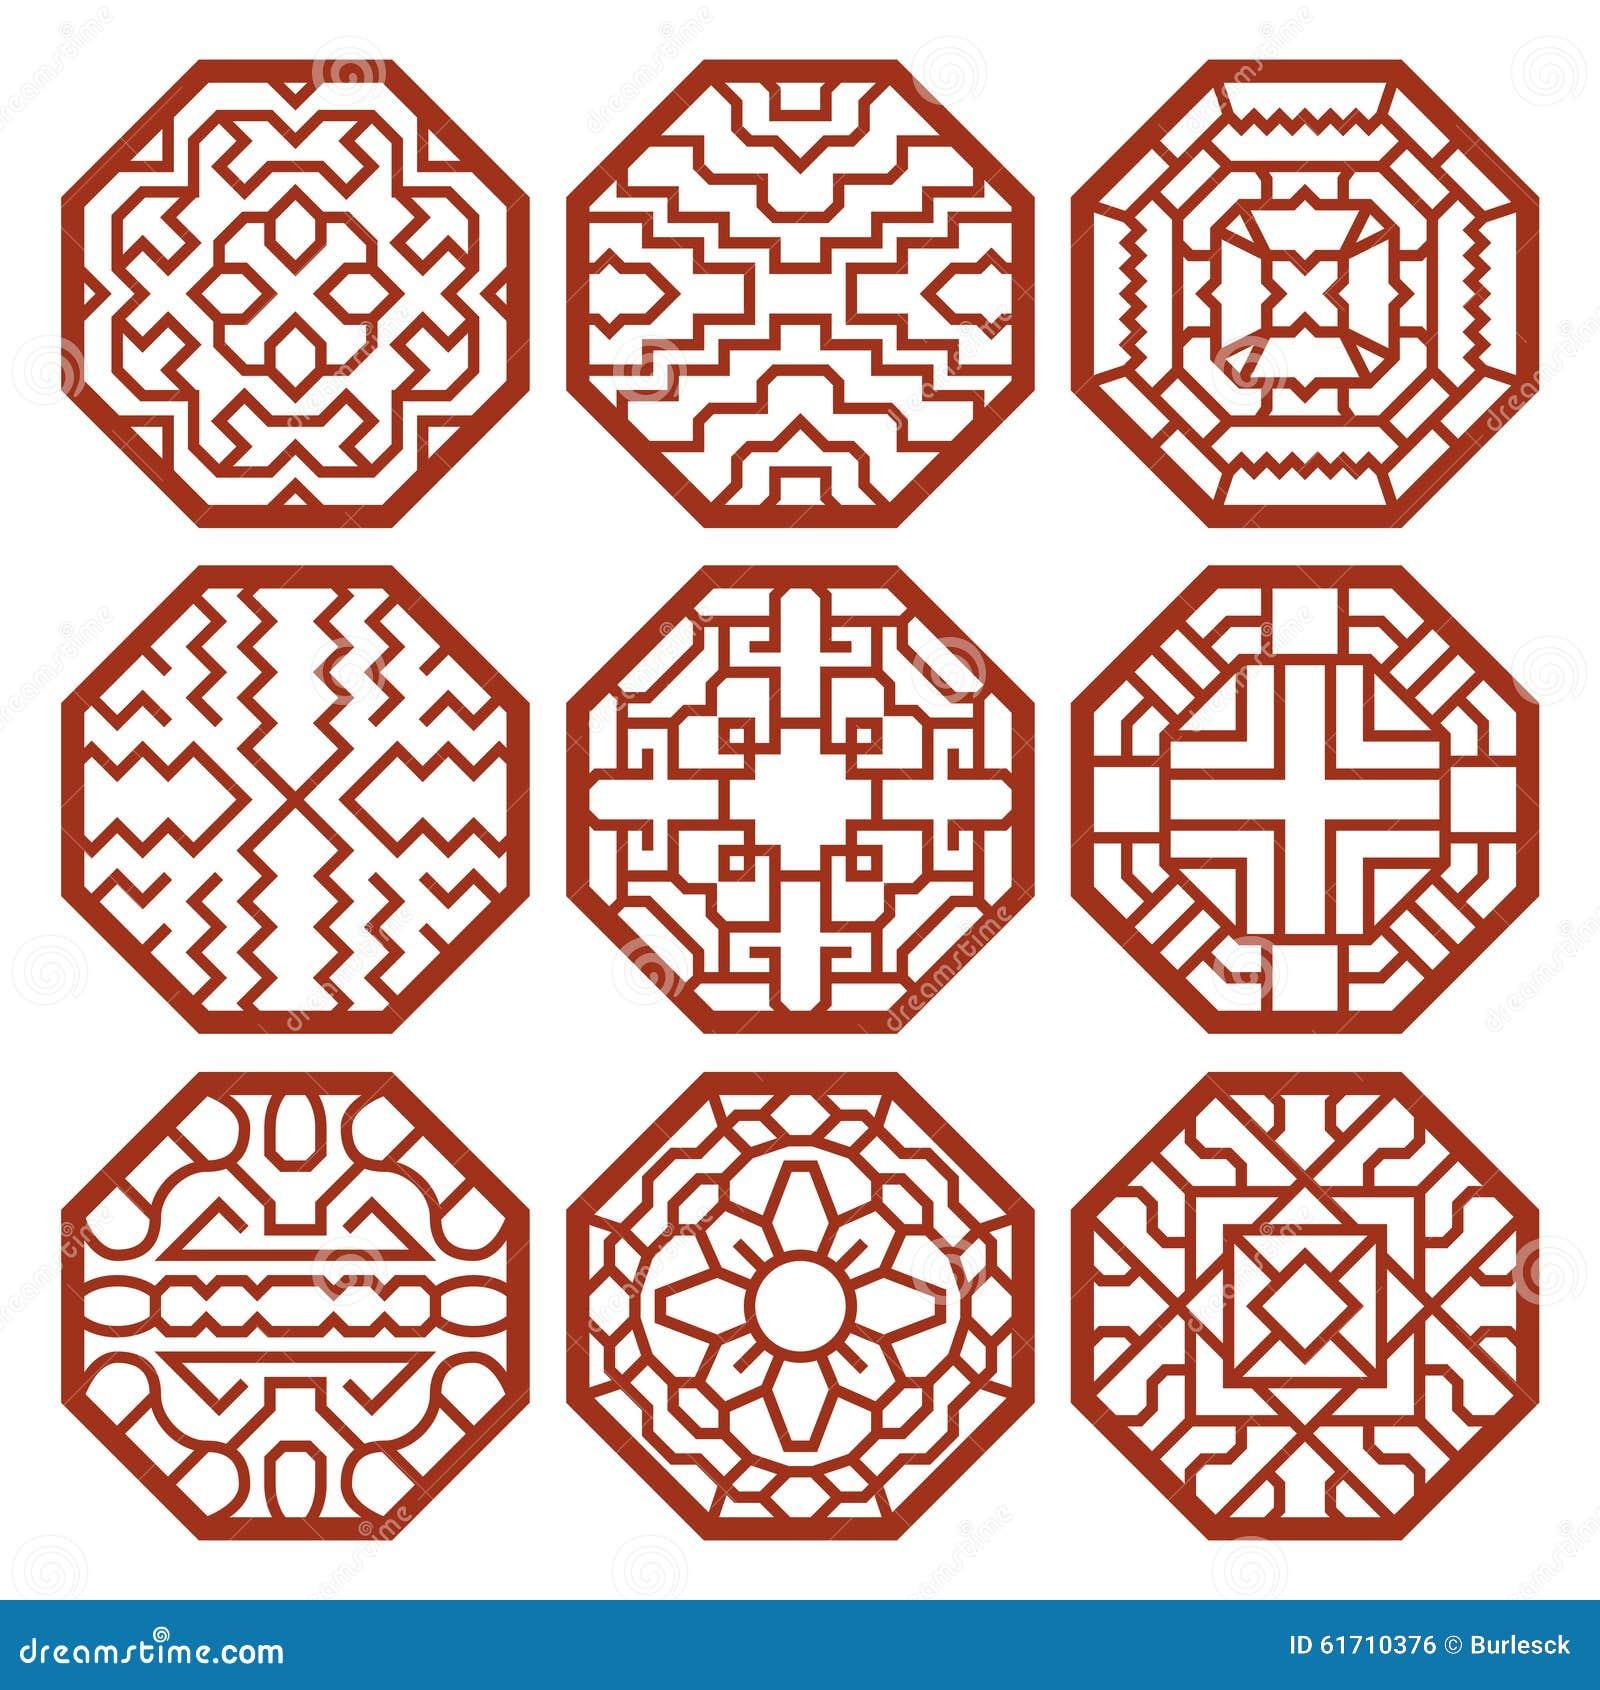 Language Design Patterns